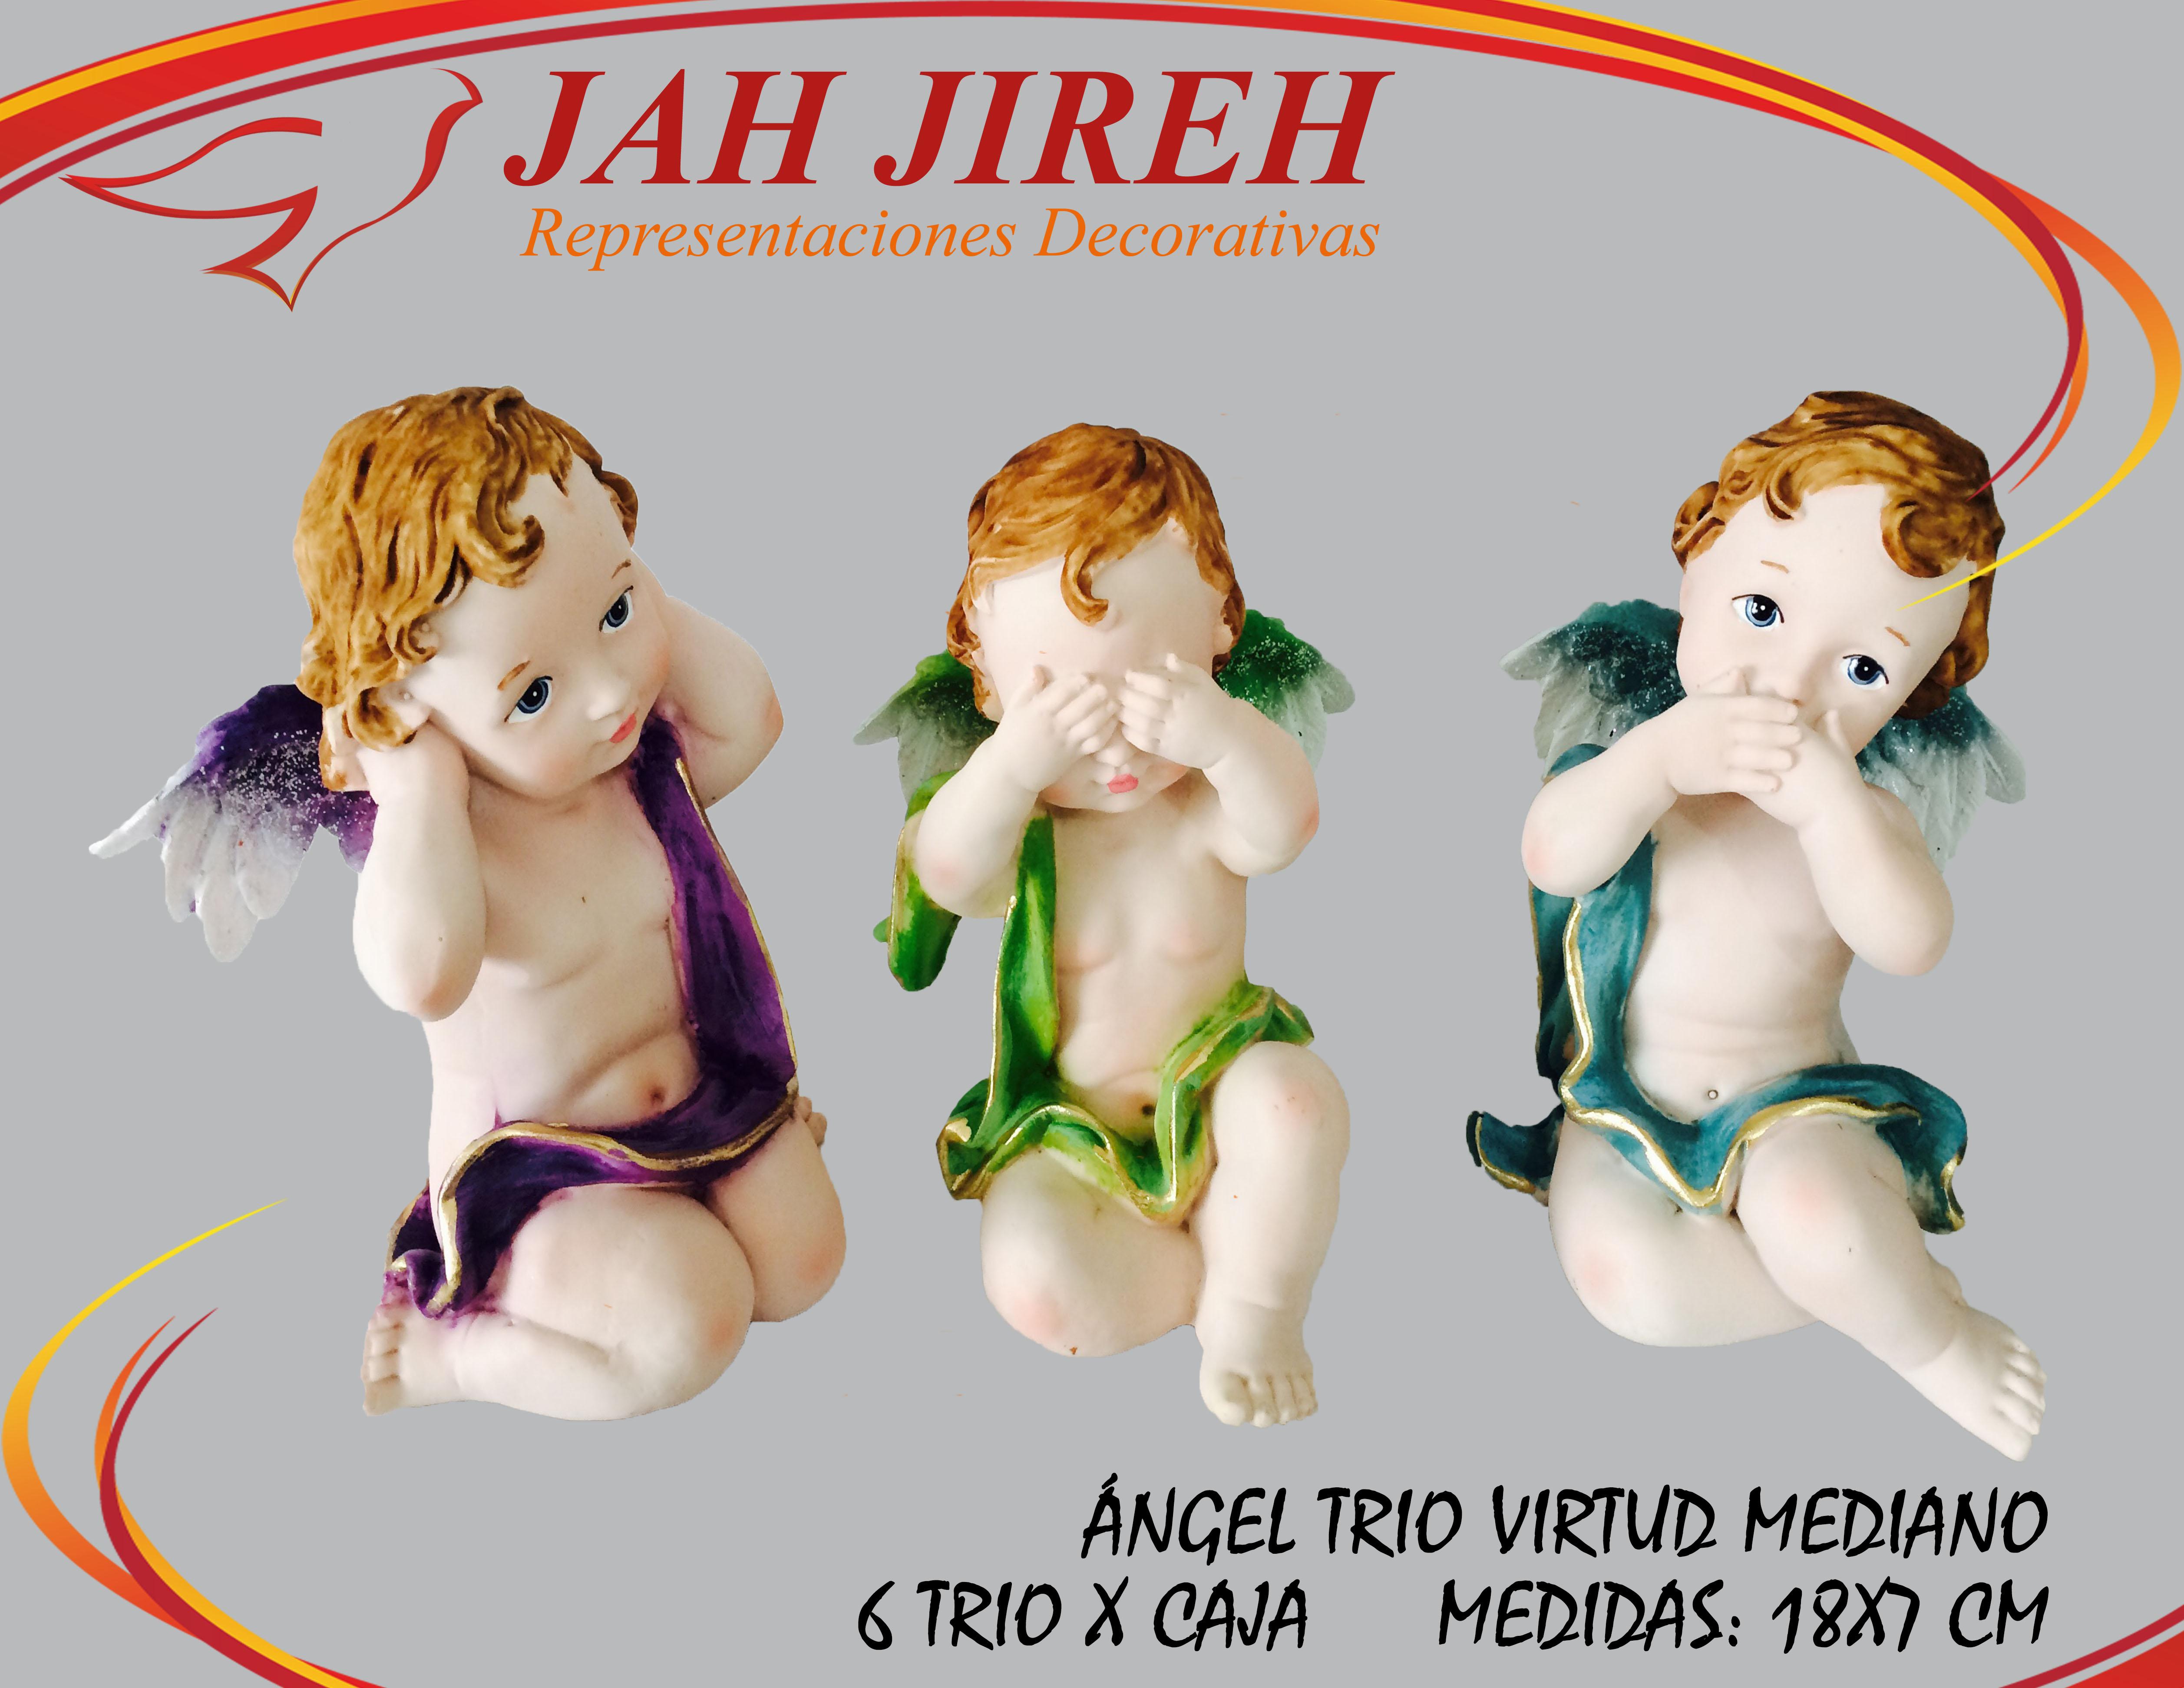 https://0201.nccdn.net/4_2/000/000/076/de9/angel-trio-virtud-mediano.jpg